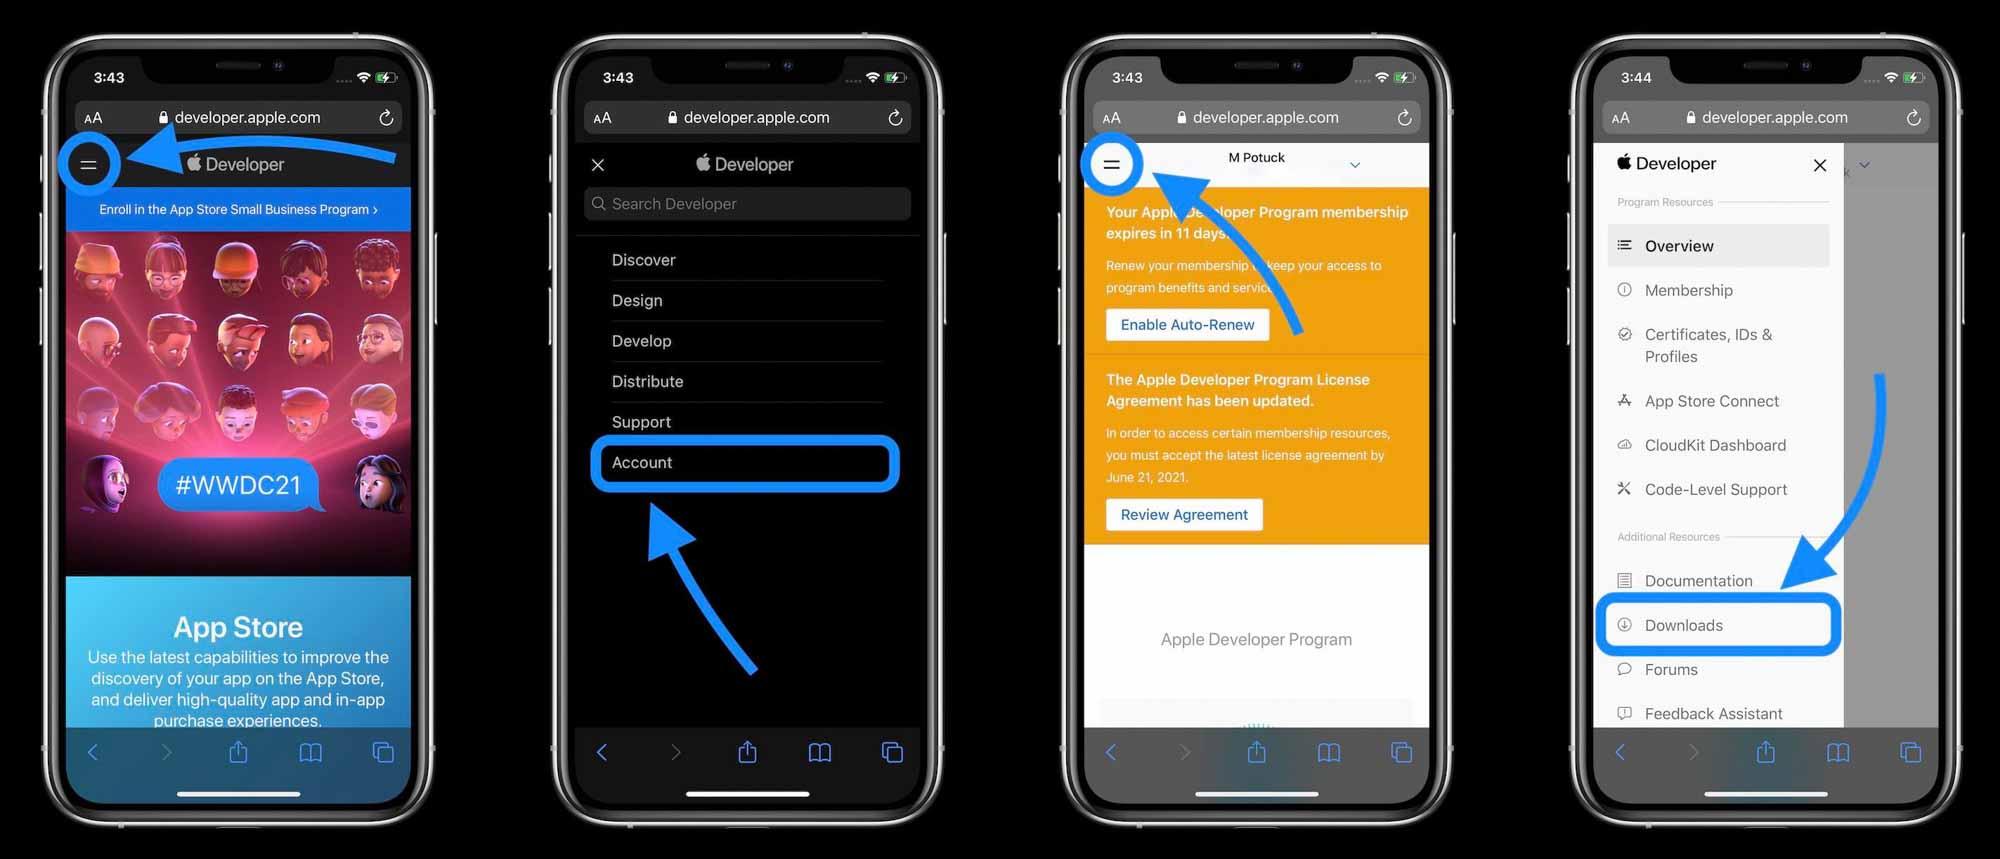 Как установить бета-версию iOS 15 - пошаговое руководство 1